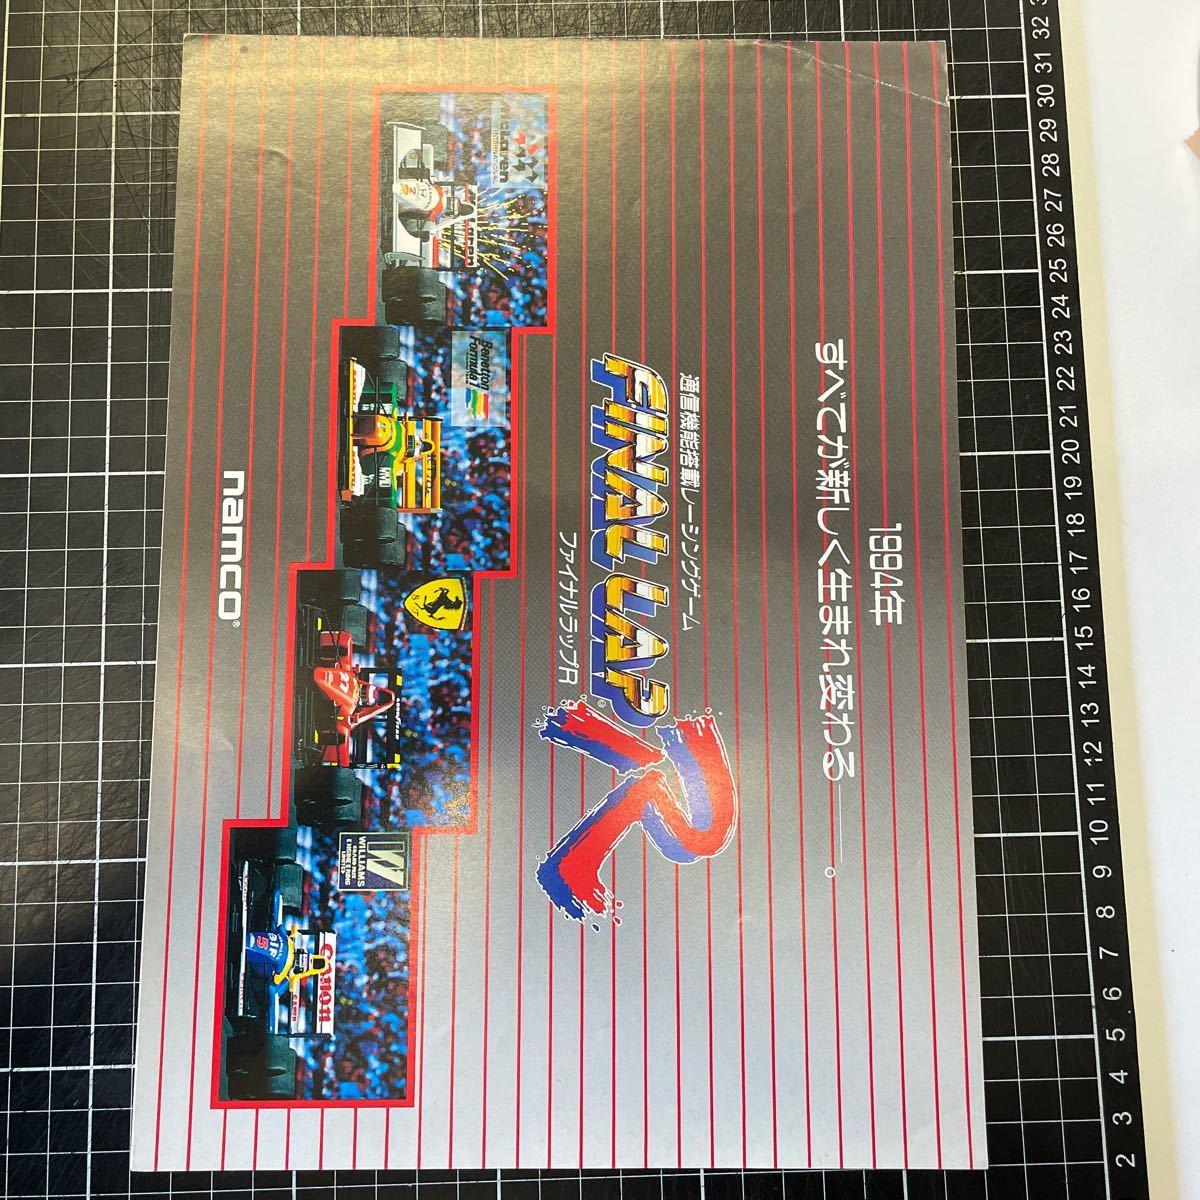 No.908 アーケードゲーム namco 1994年 通信機能搭載レーシングゲーム FINALL LAP R 業務用 非売品 カタログ ナムコ ファイナルラップR_画像1